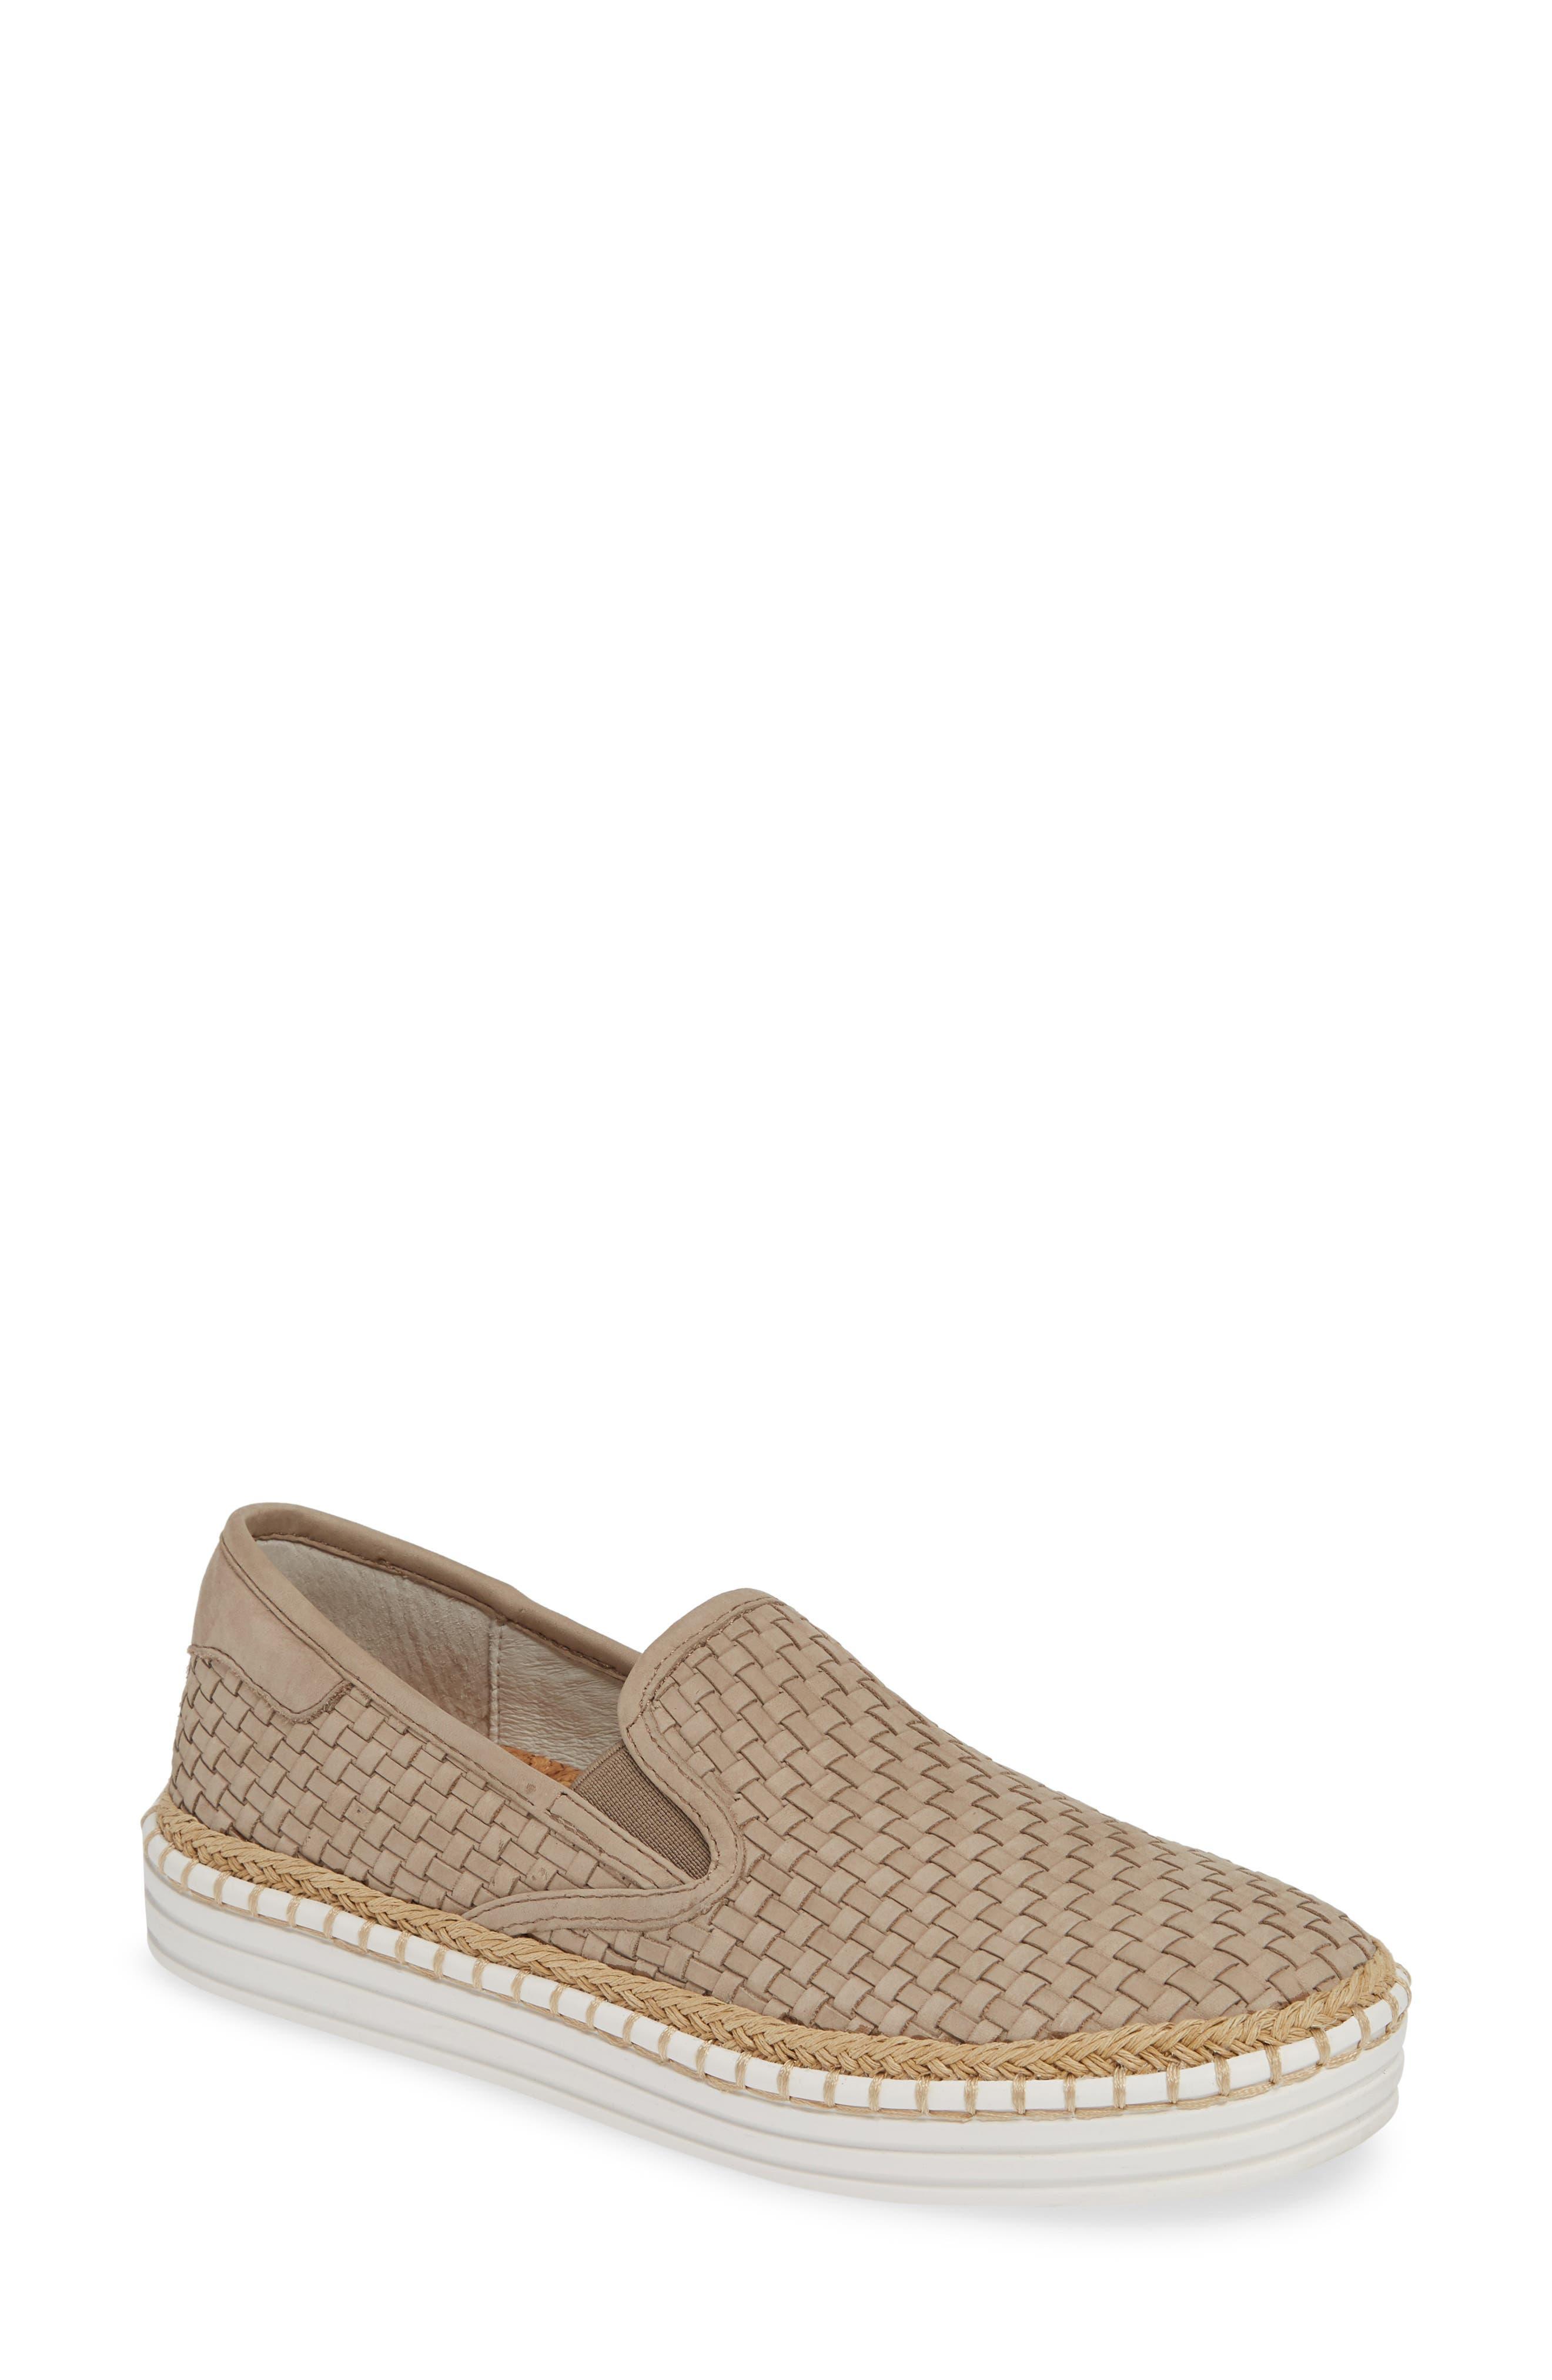 Jslides Kelly Woven Slip-On Sneaker- Beige